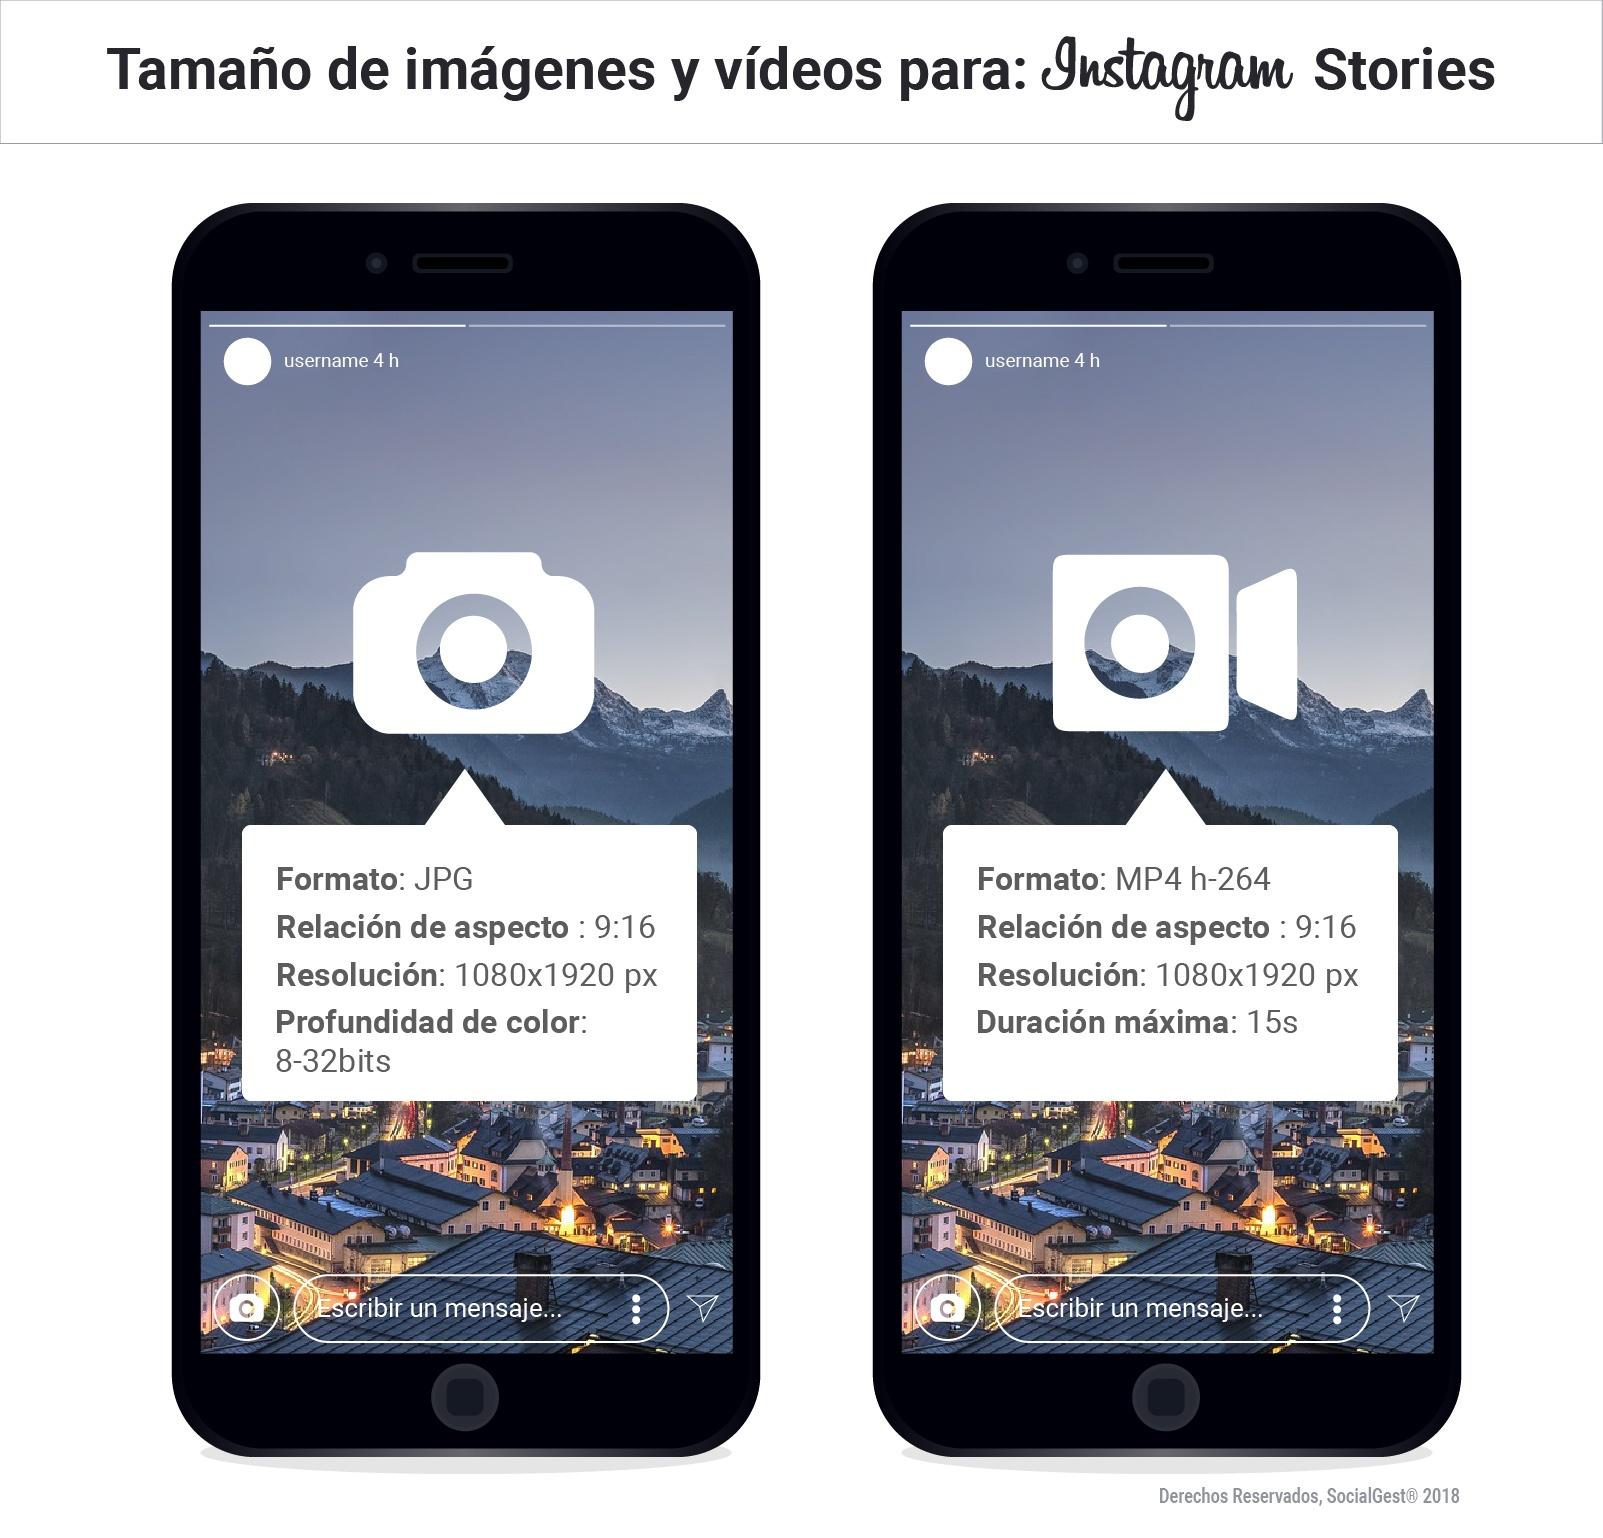 tamaño stories instagram